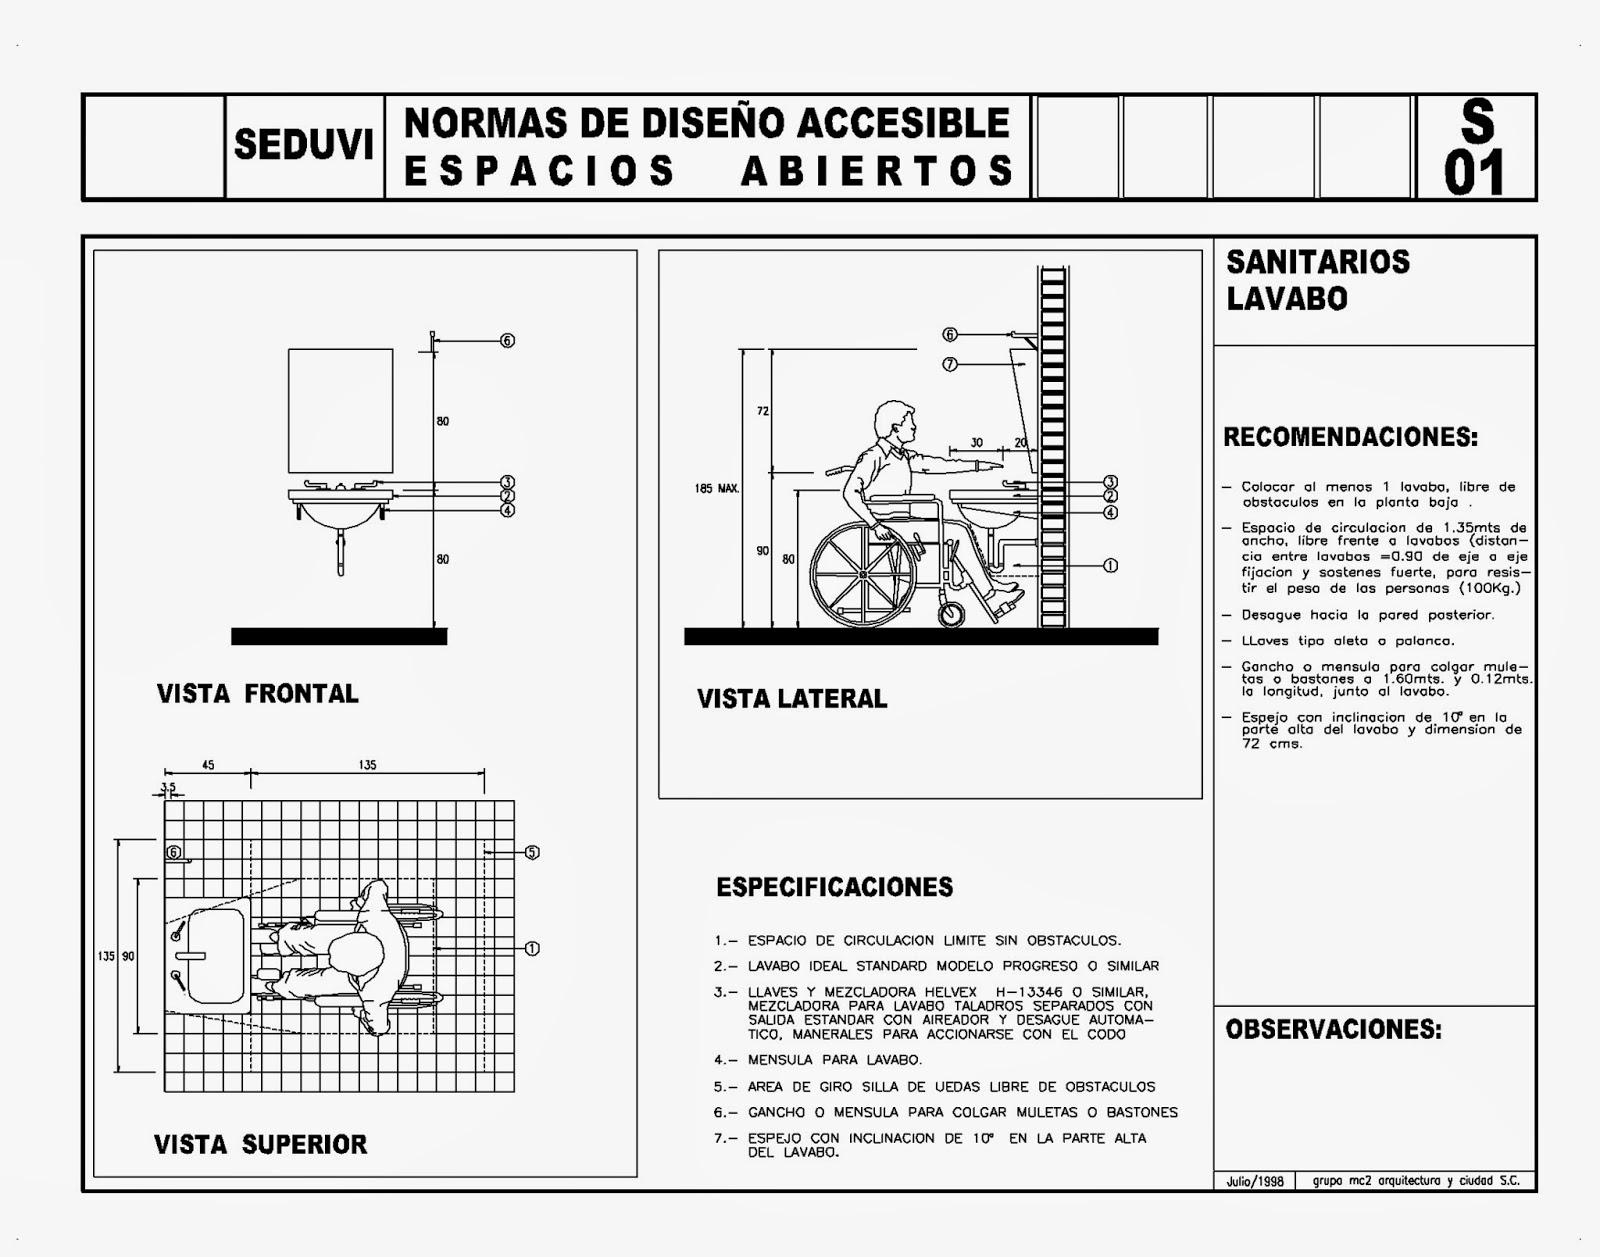 Diseno De Un Baño Para Discapacitados:Todo para el Arqui: Normas diseño discapacitados (5) SEDUVI – Autocad